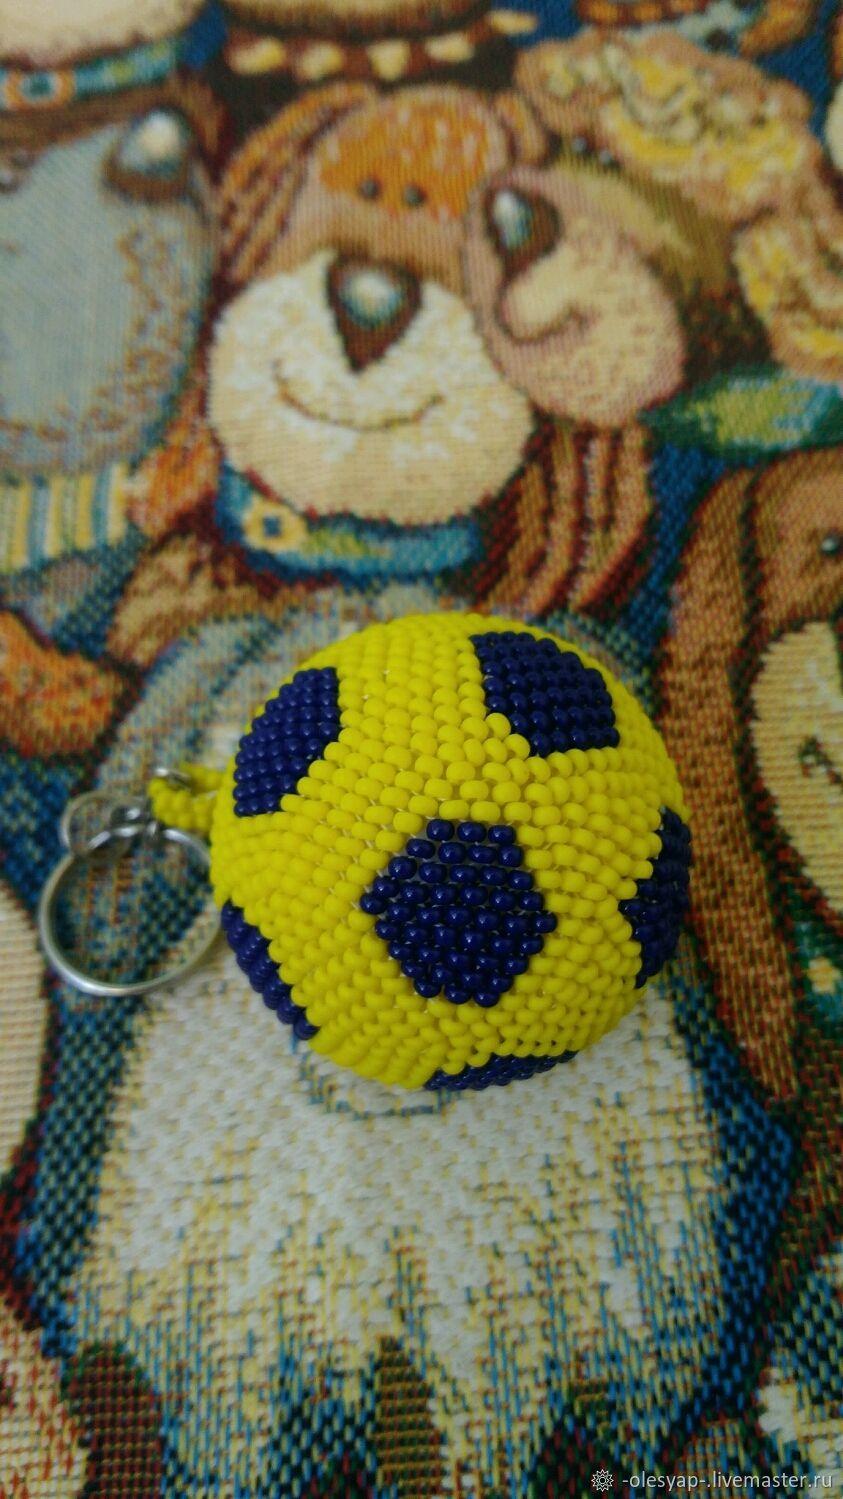 Брелок из бисера. Футбольный мячик